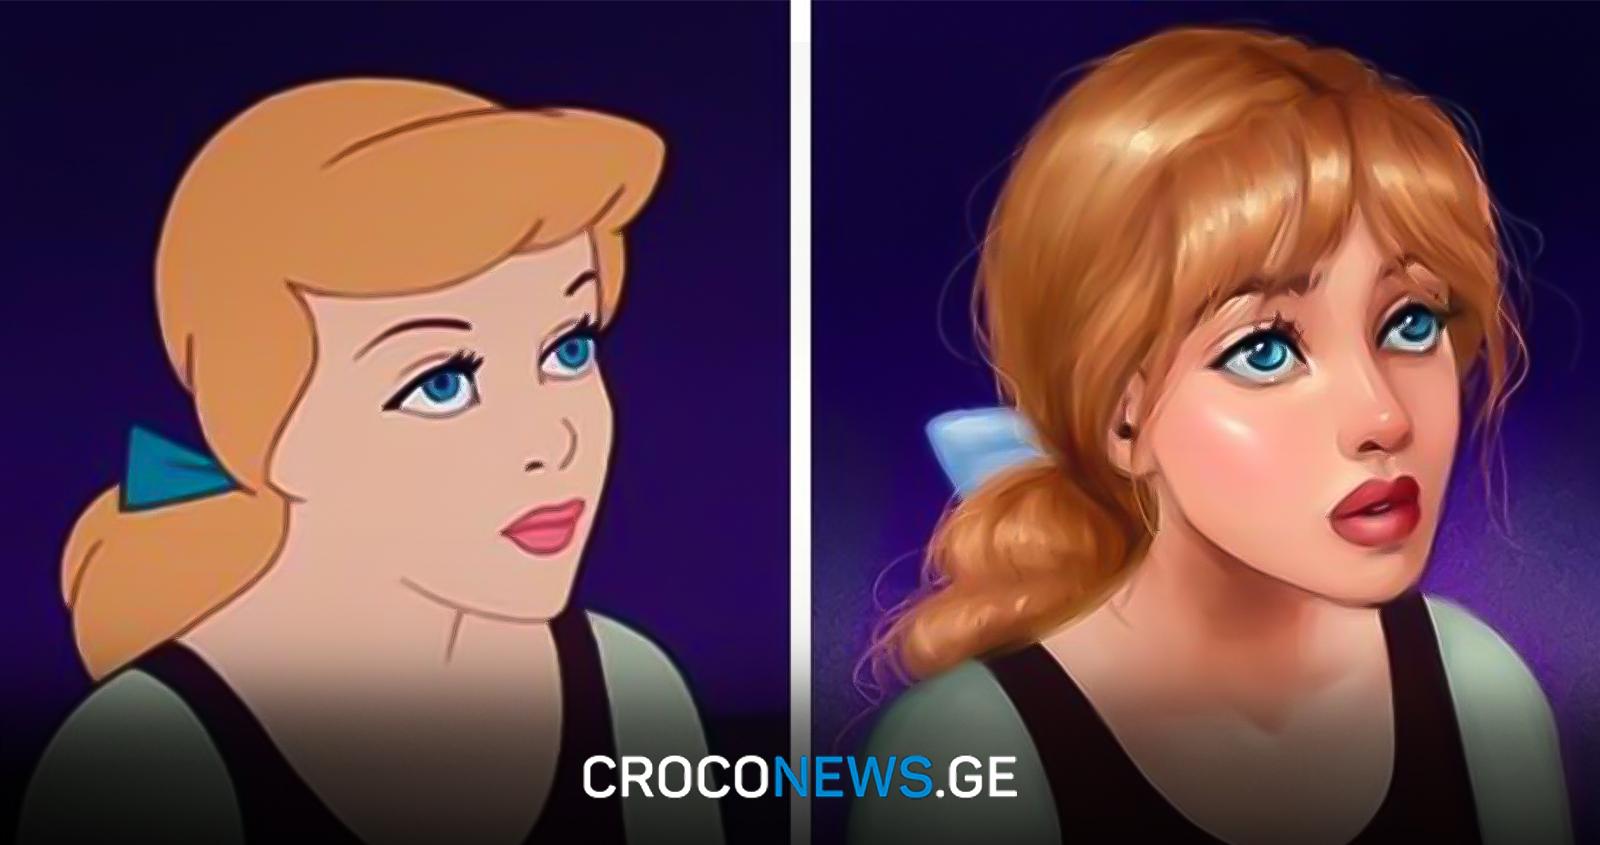 ნახეთ: როგორები იქნებოდნენ Disney-ს პრინცესები ისინი დღეს რომ დაეხატათ